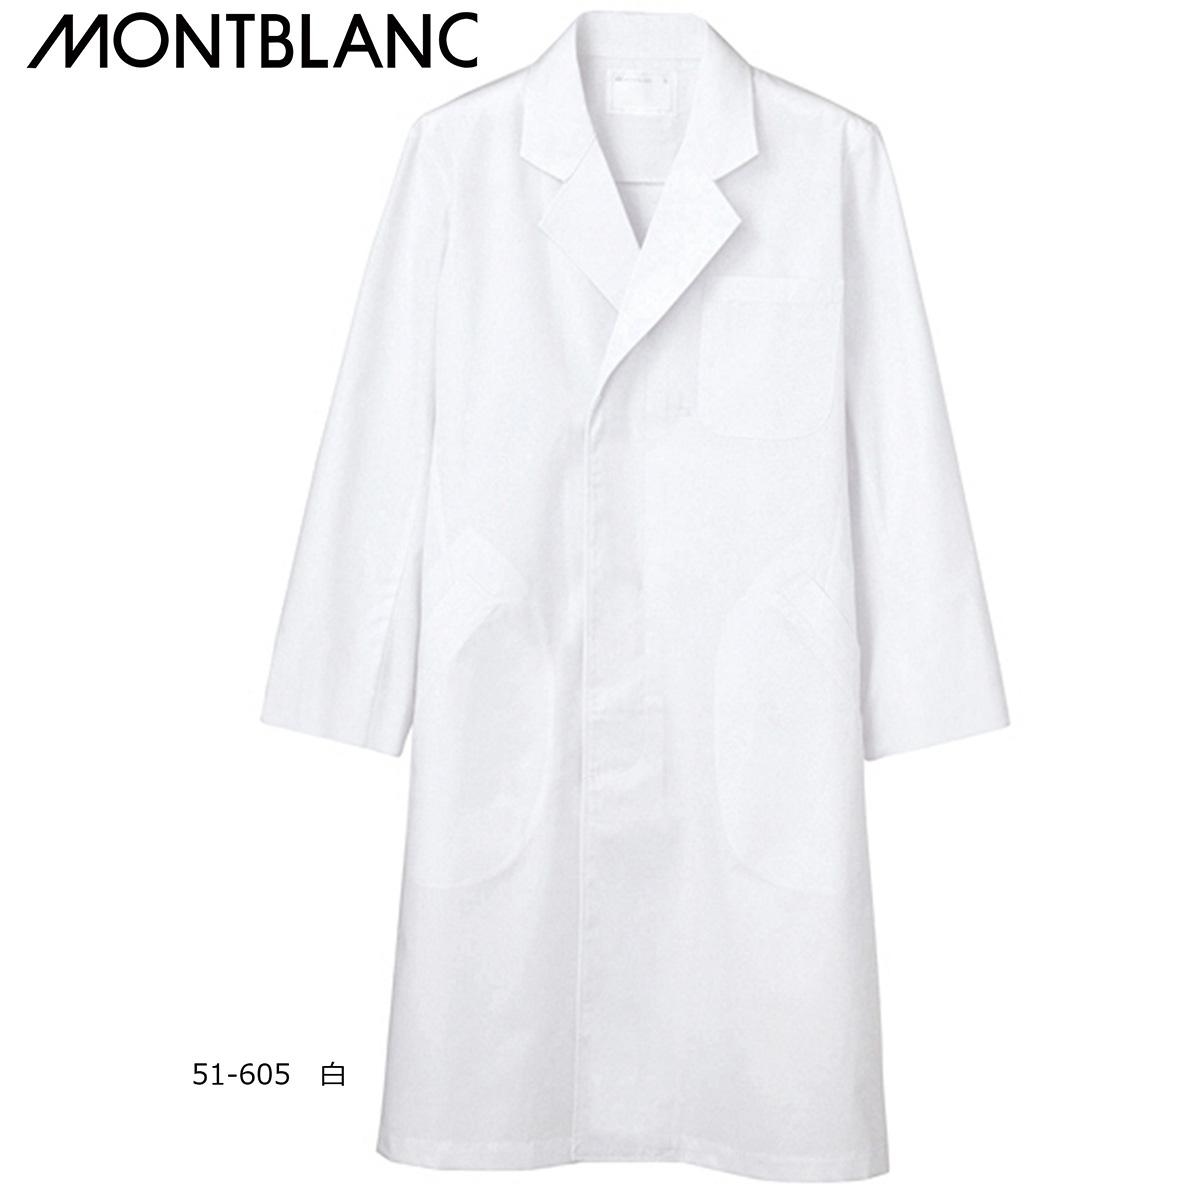 白衣 男性 モンブラン ドクターコート シングル 長袖 白 51-605 メンズ 診察衣 ホワイト